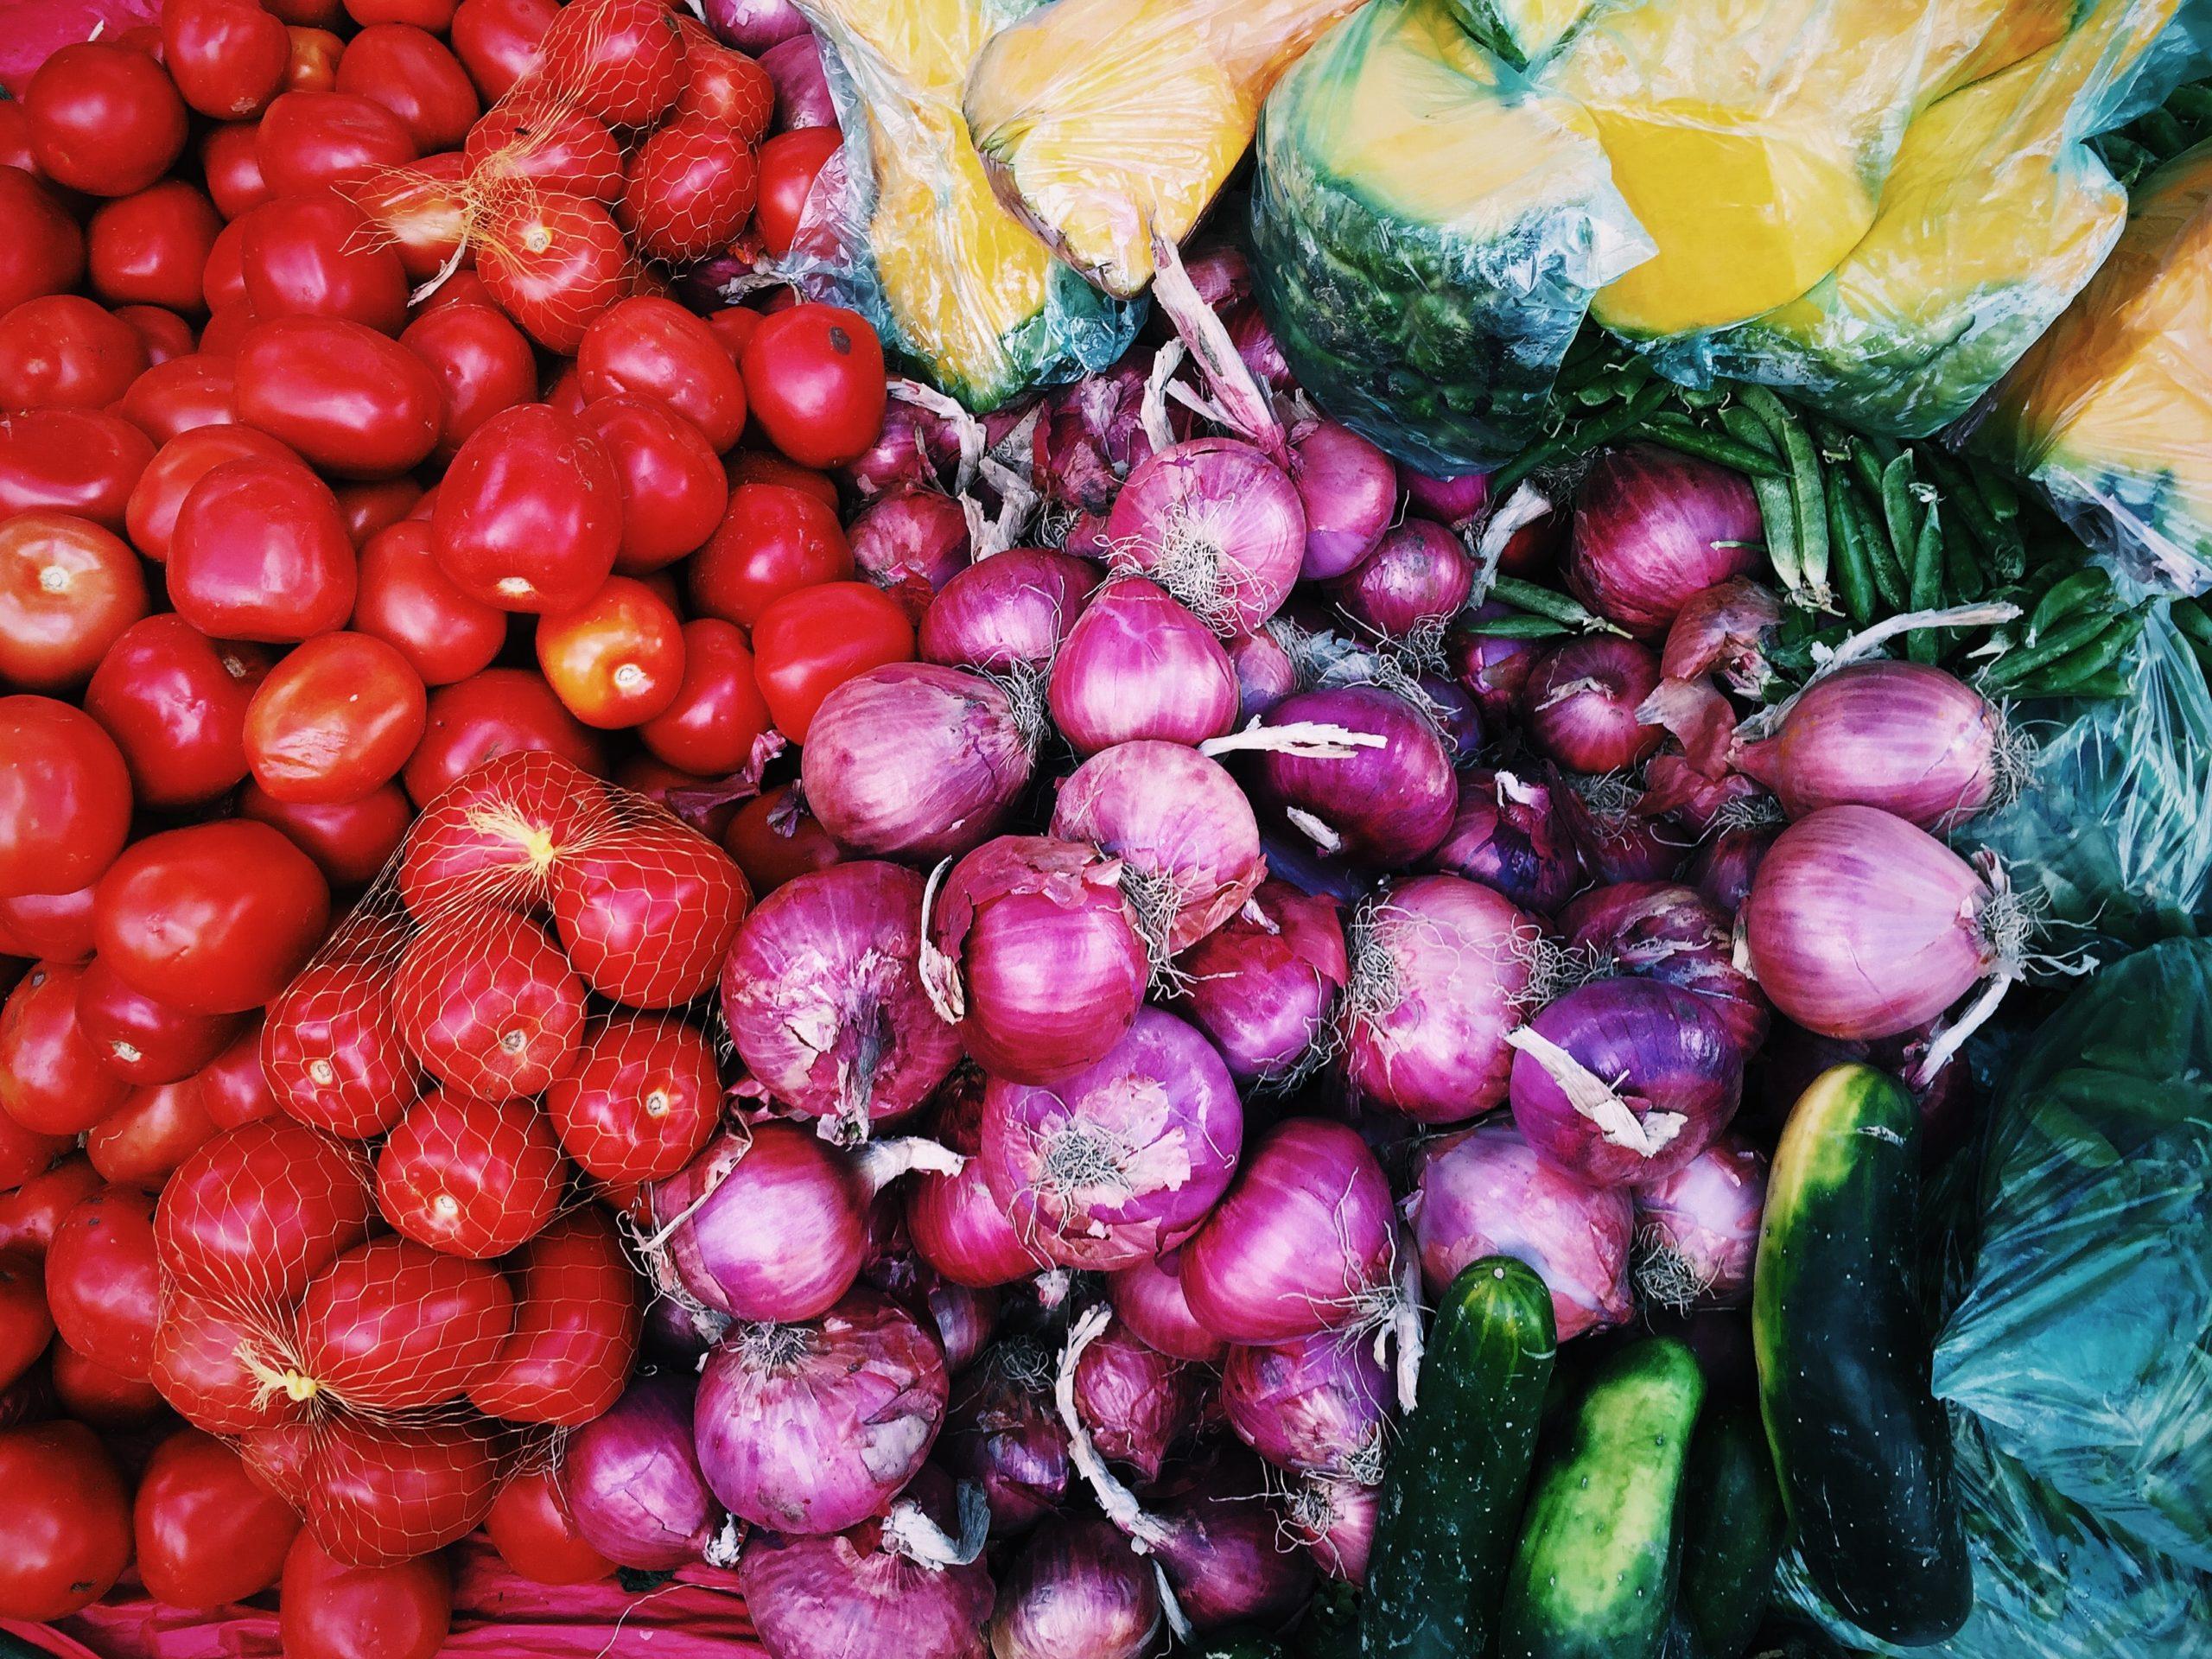 Allergies alimentaires et enrobages protecteurs sur les fruits et légumes